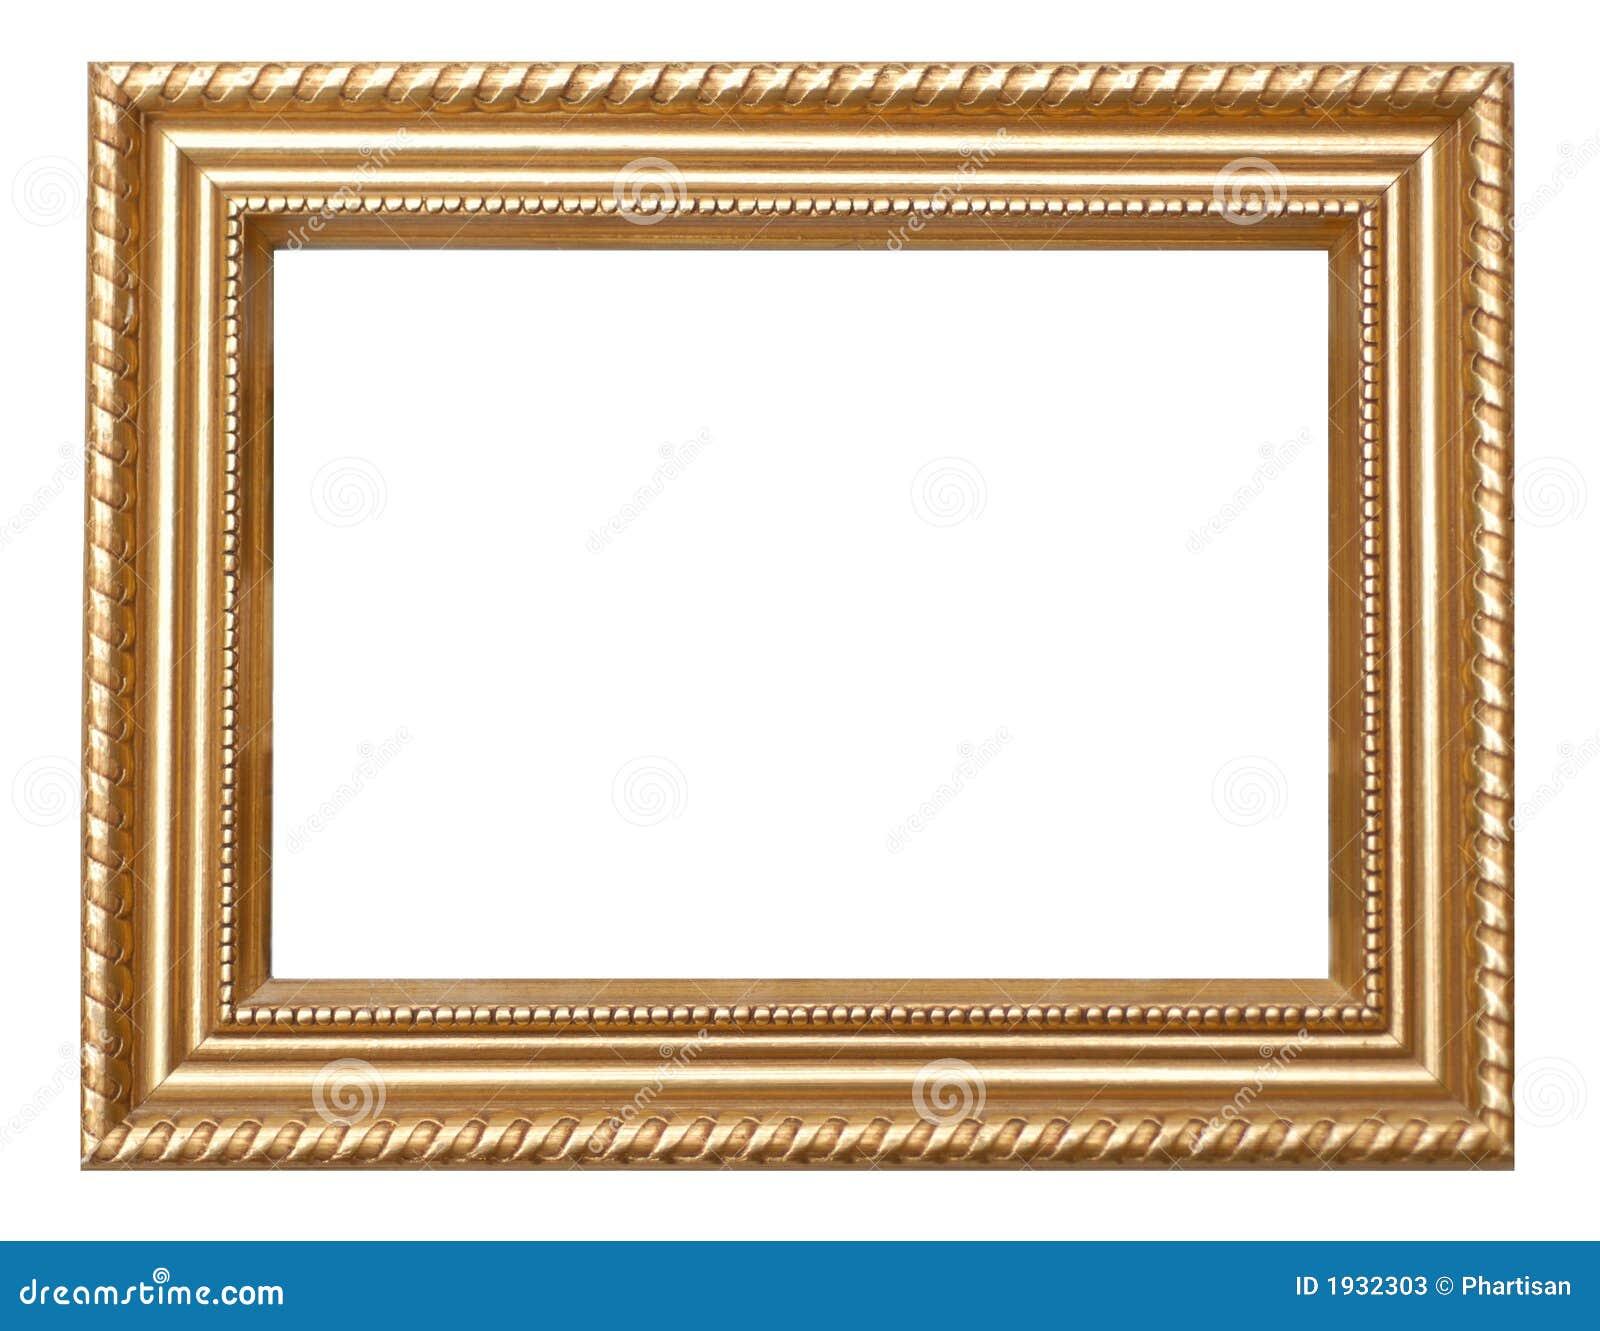 Vintage Gold Frame Stock Image Of Portrait Square